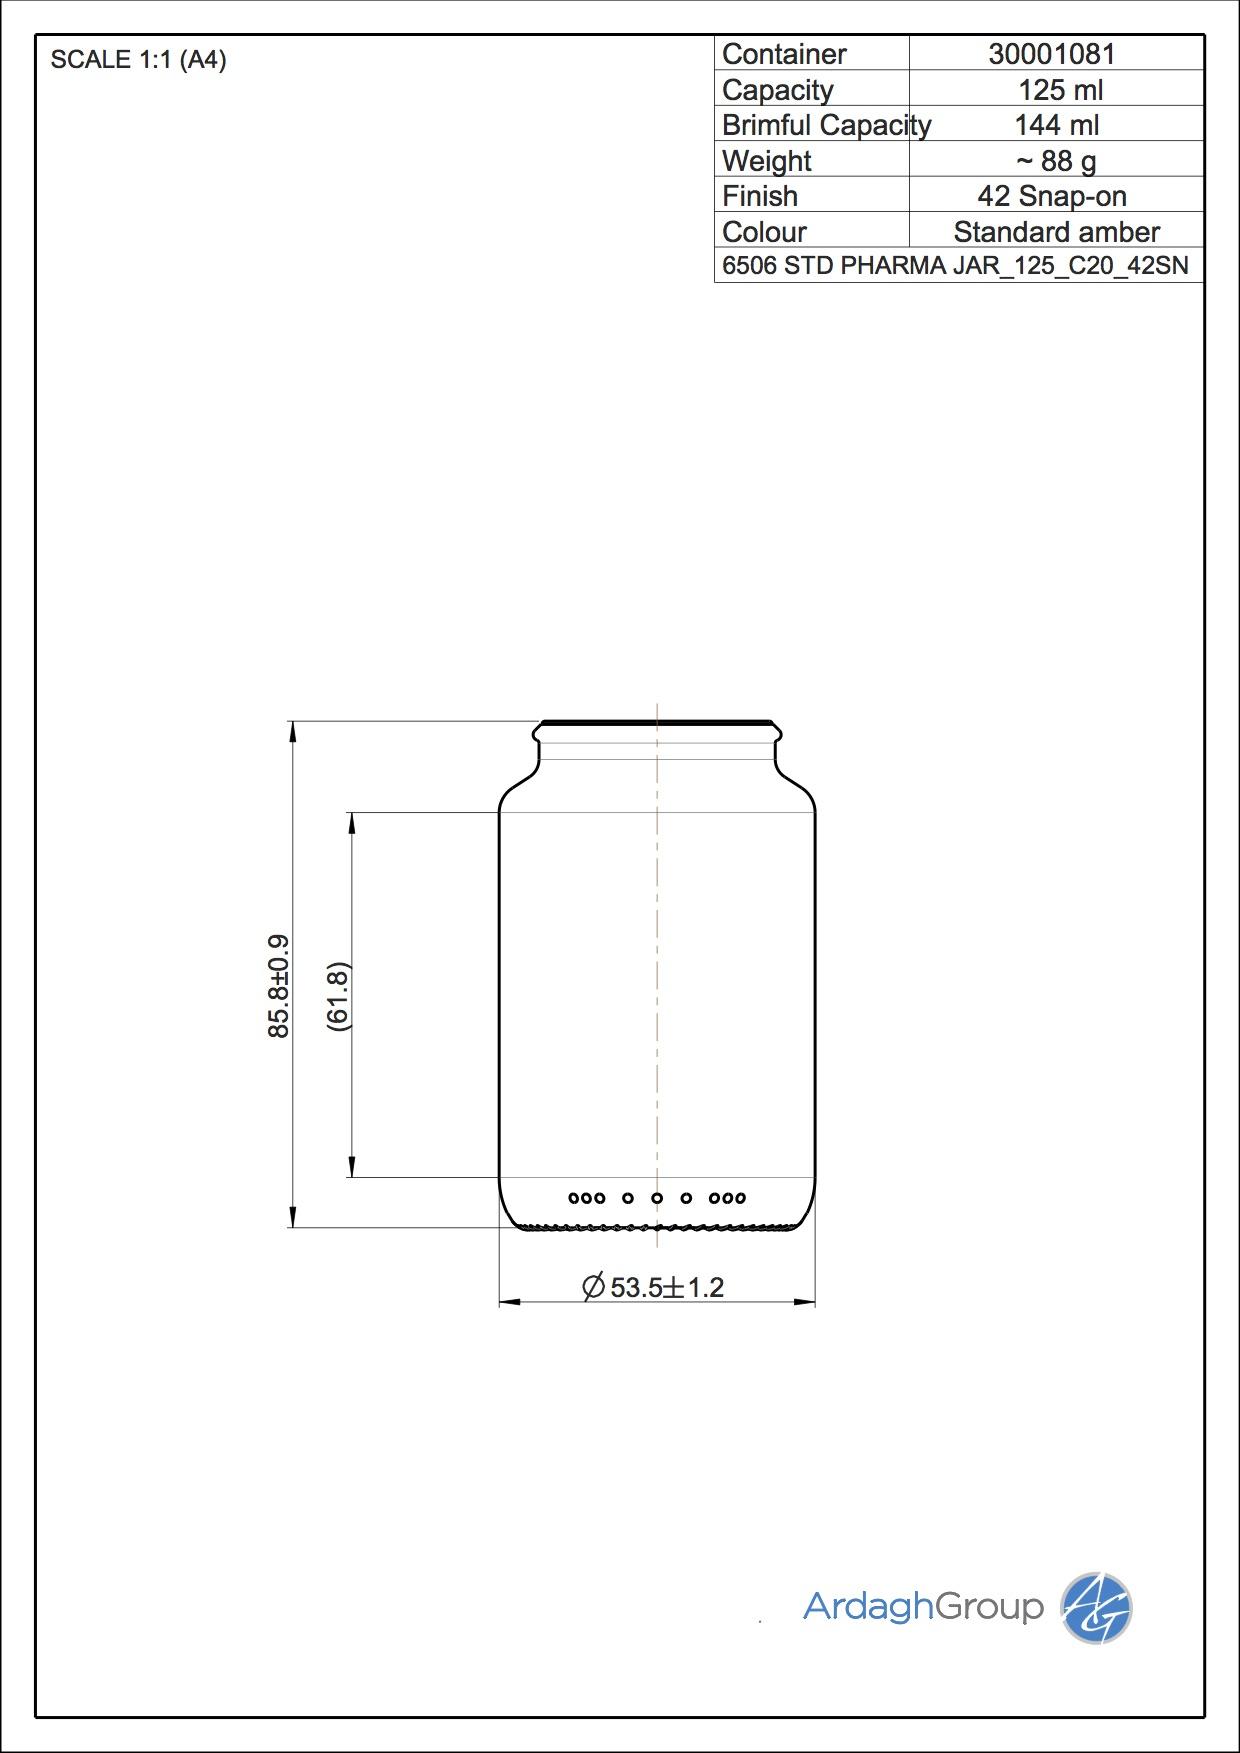 STD PHARMA JAR 125 C20 42SN